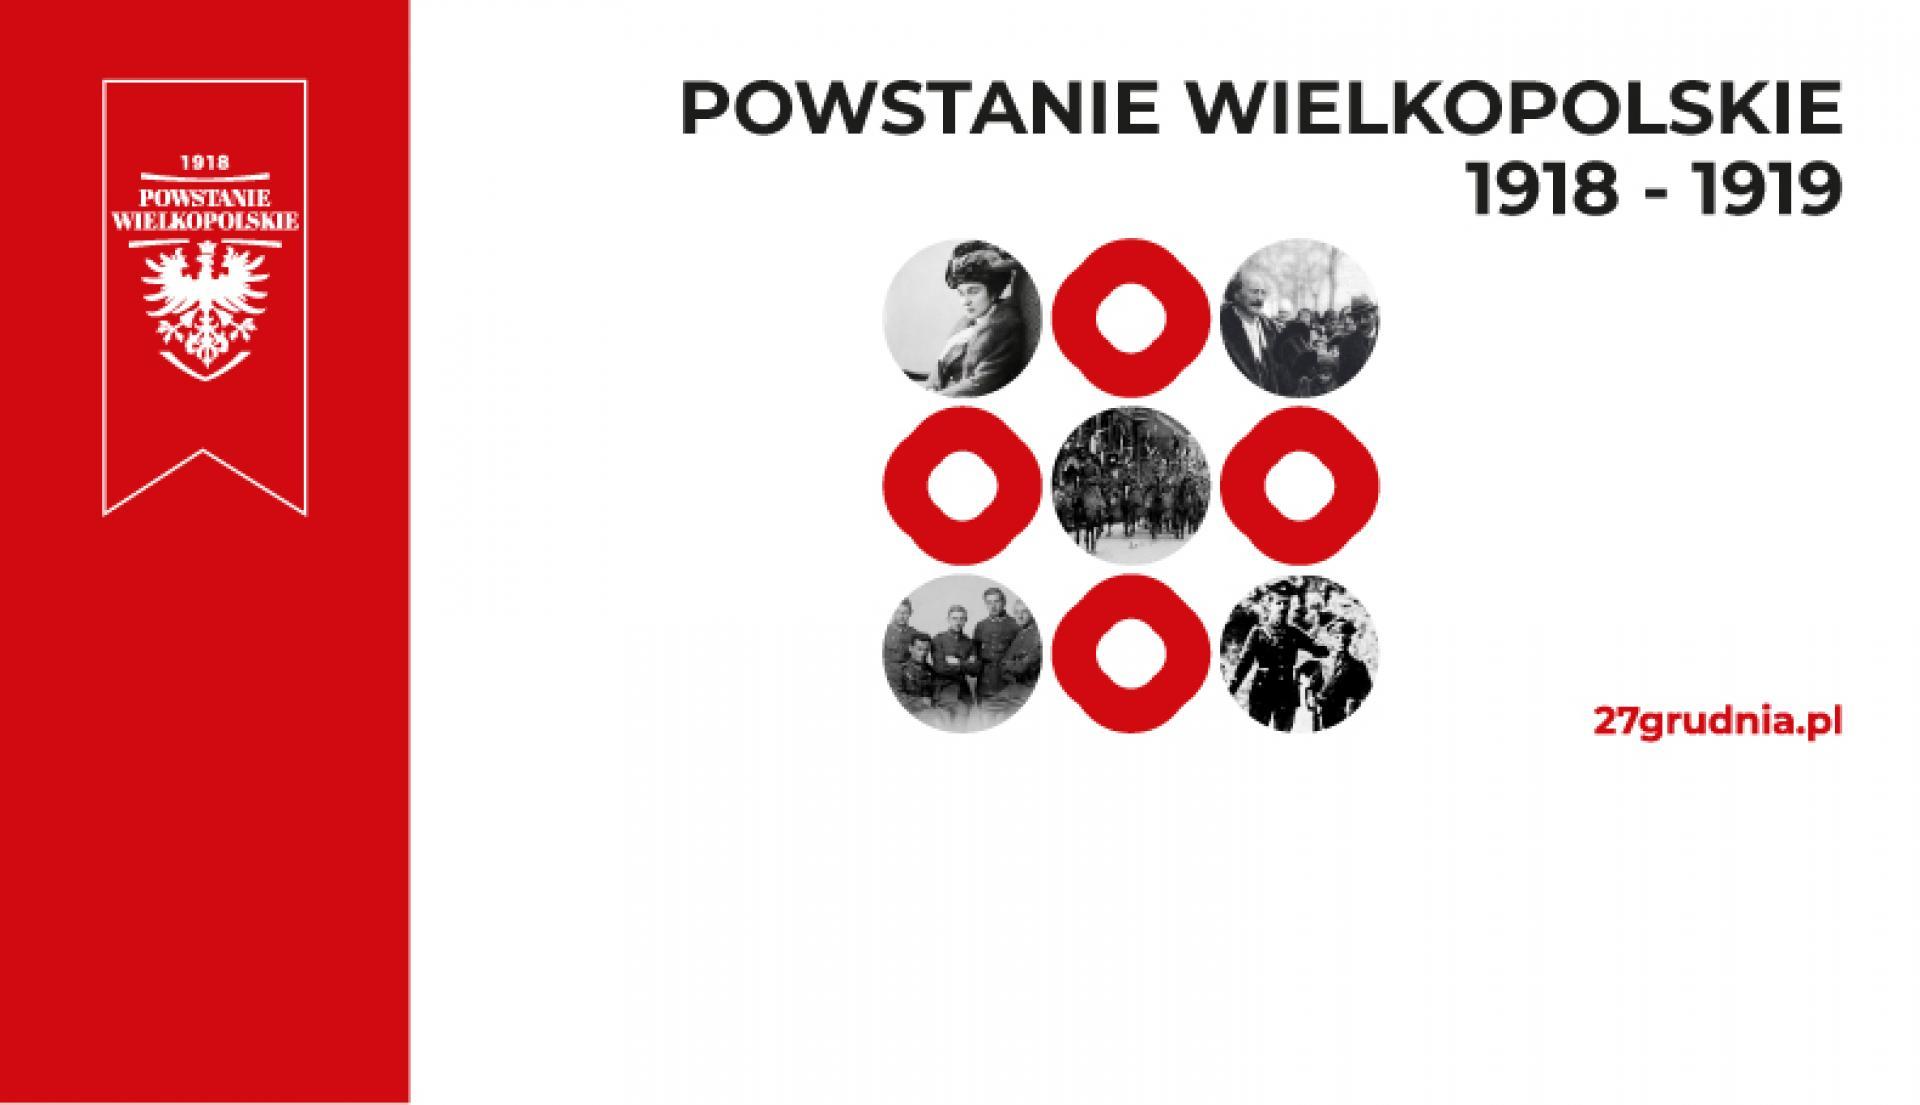 Marszałek Woźniak uczci 102. rocznicę wybuchu Powstania Wielkopolskiego. Zapraszamy na transmisję i premierę filmu   - zobacz więcej